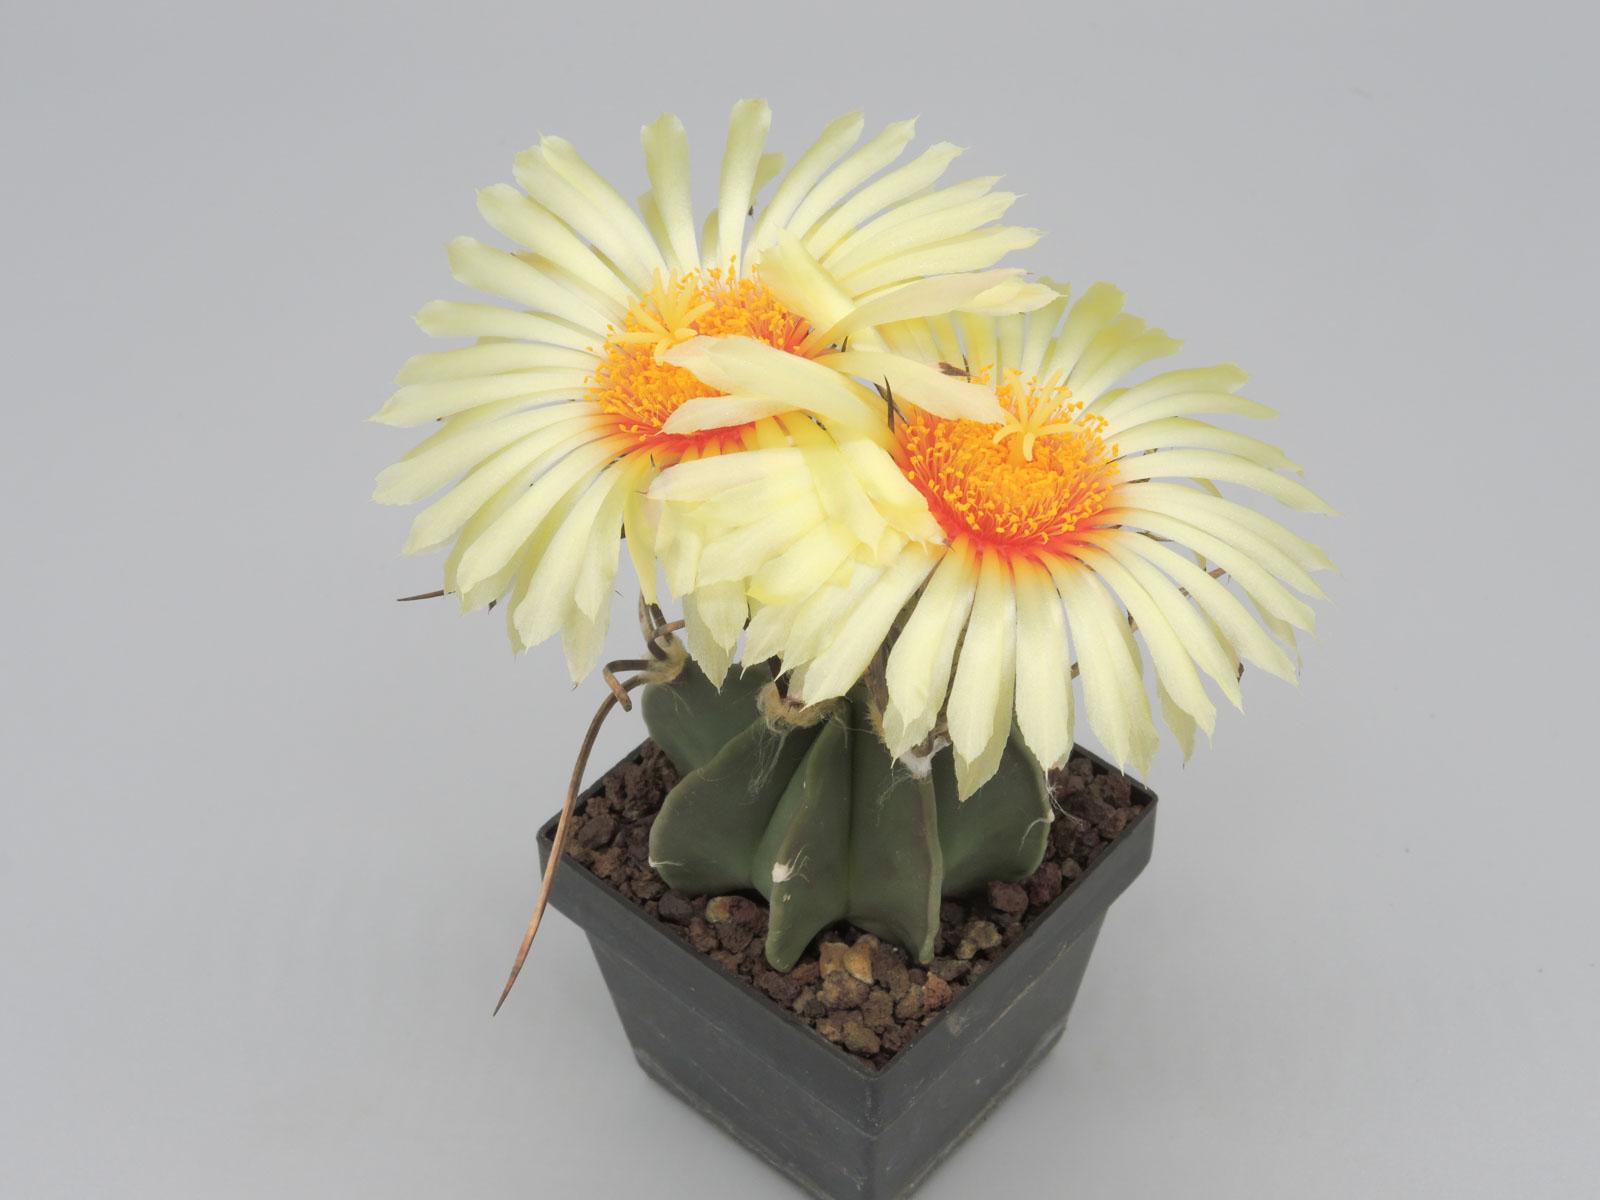 Astrophytum capricorne v. niveum nudum